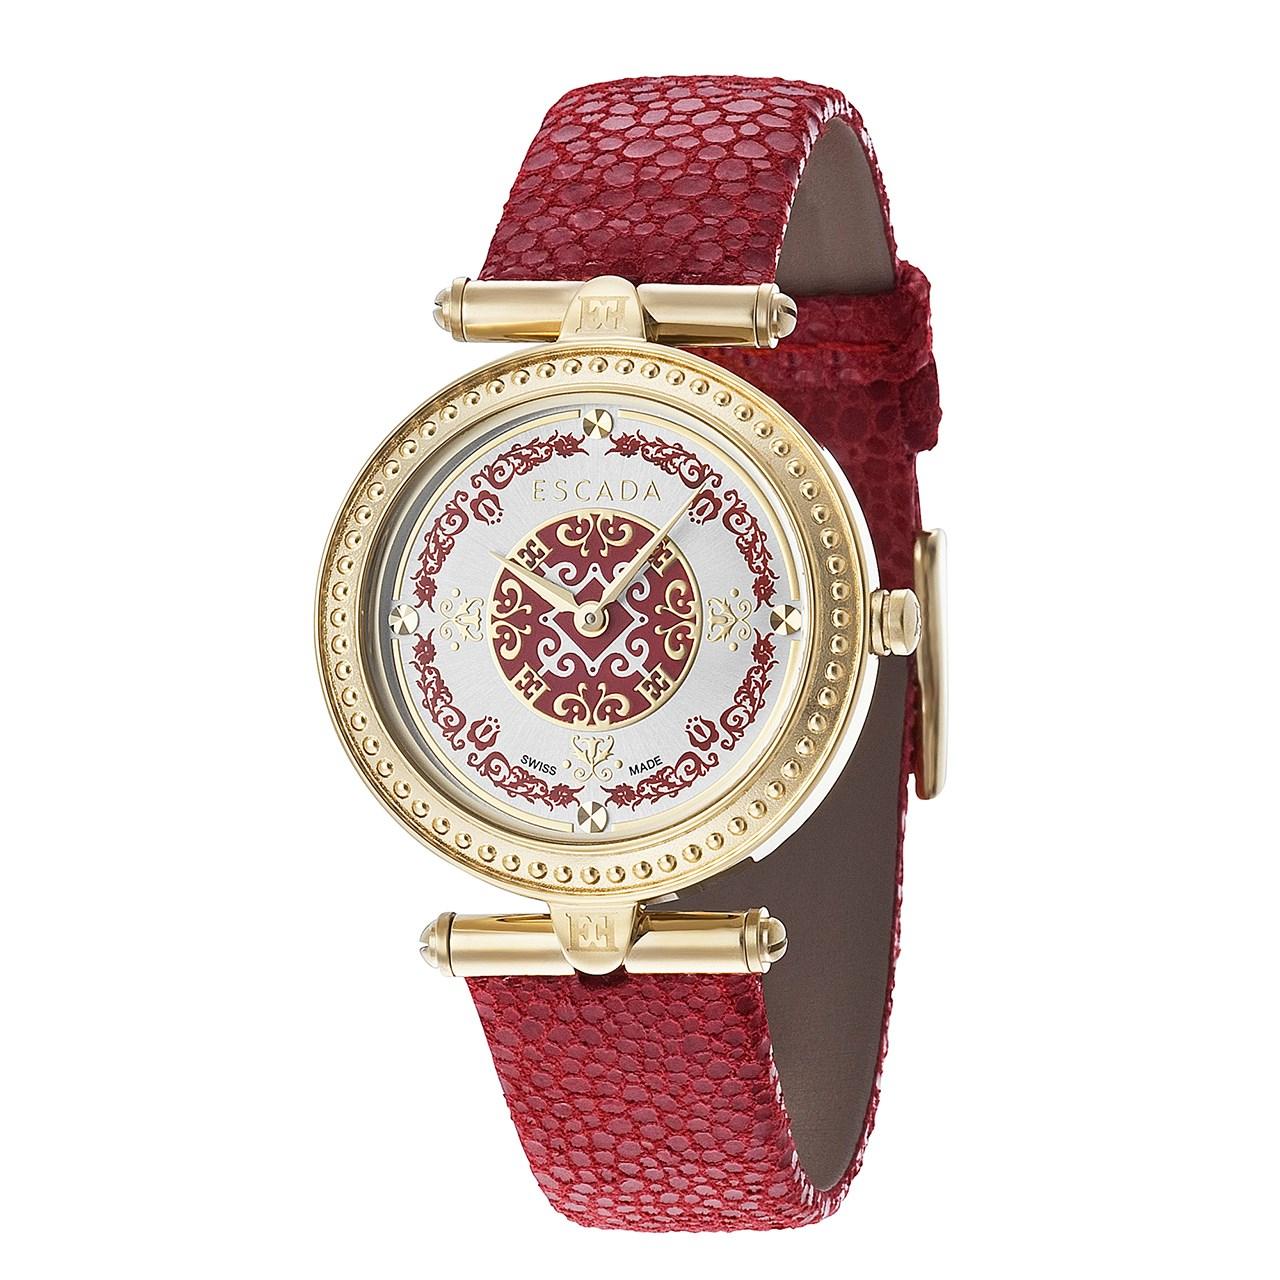 ساعت زنانه برند اسکادا مدل EW3230122